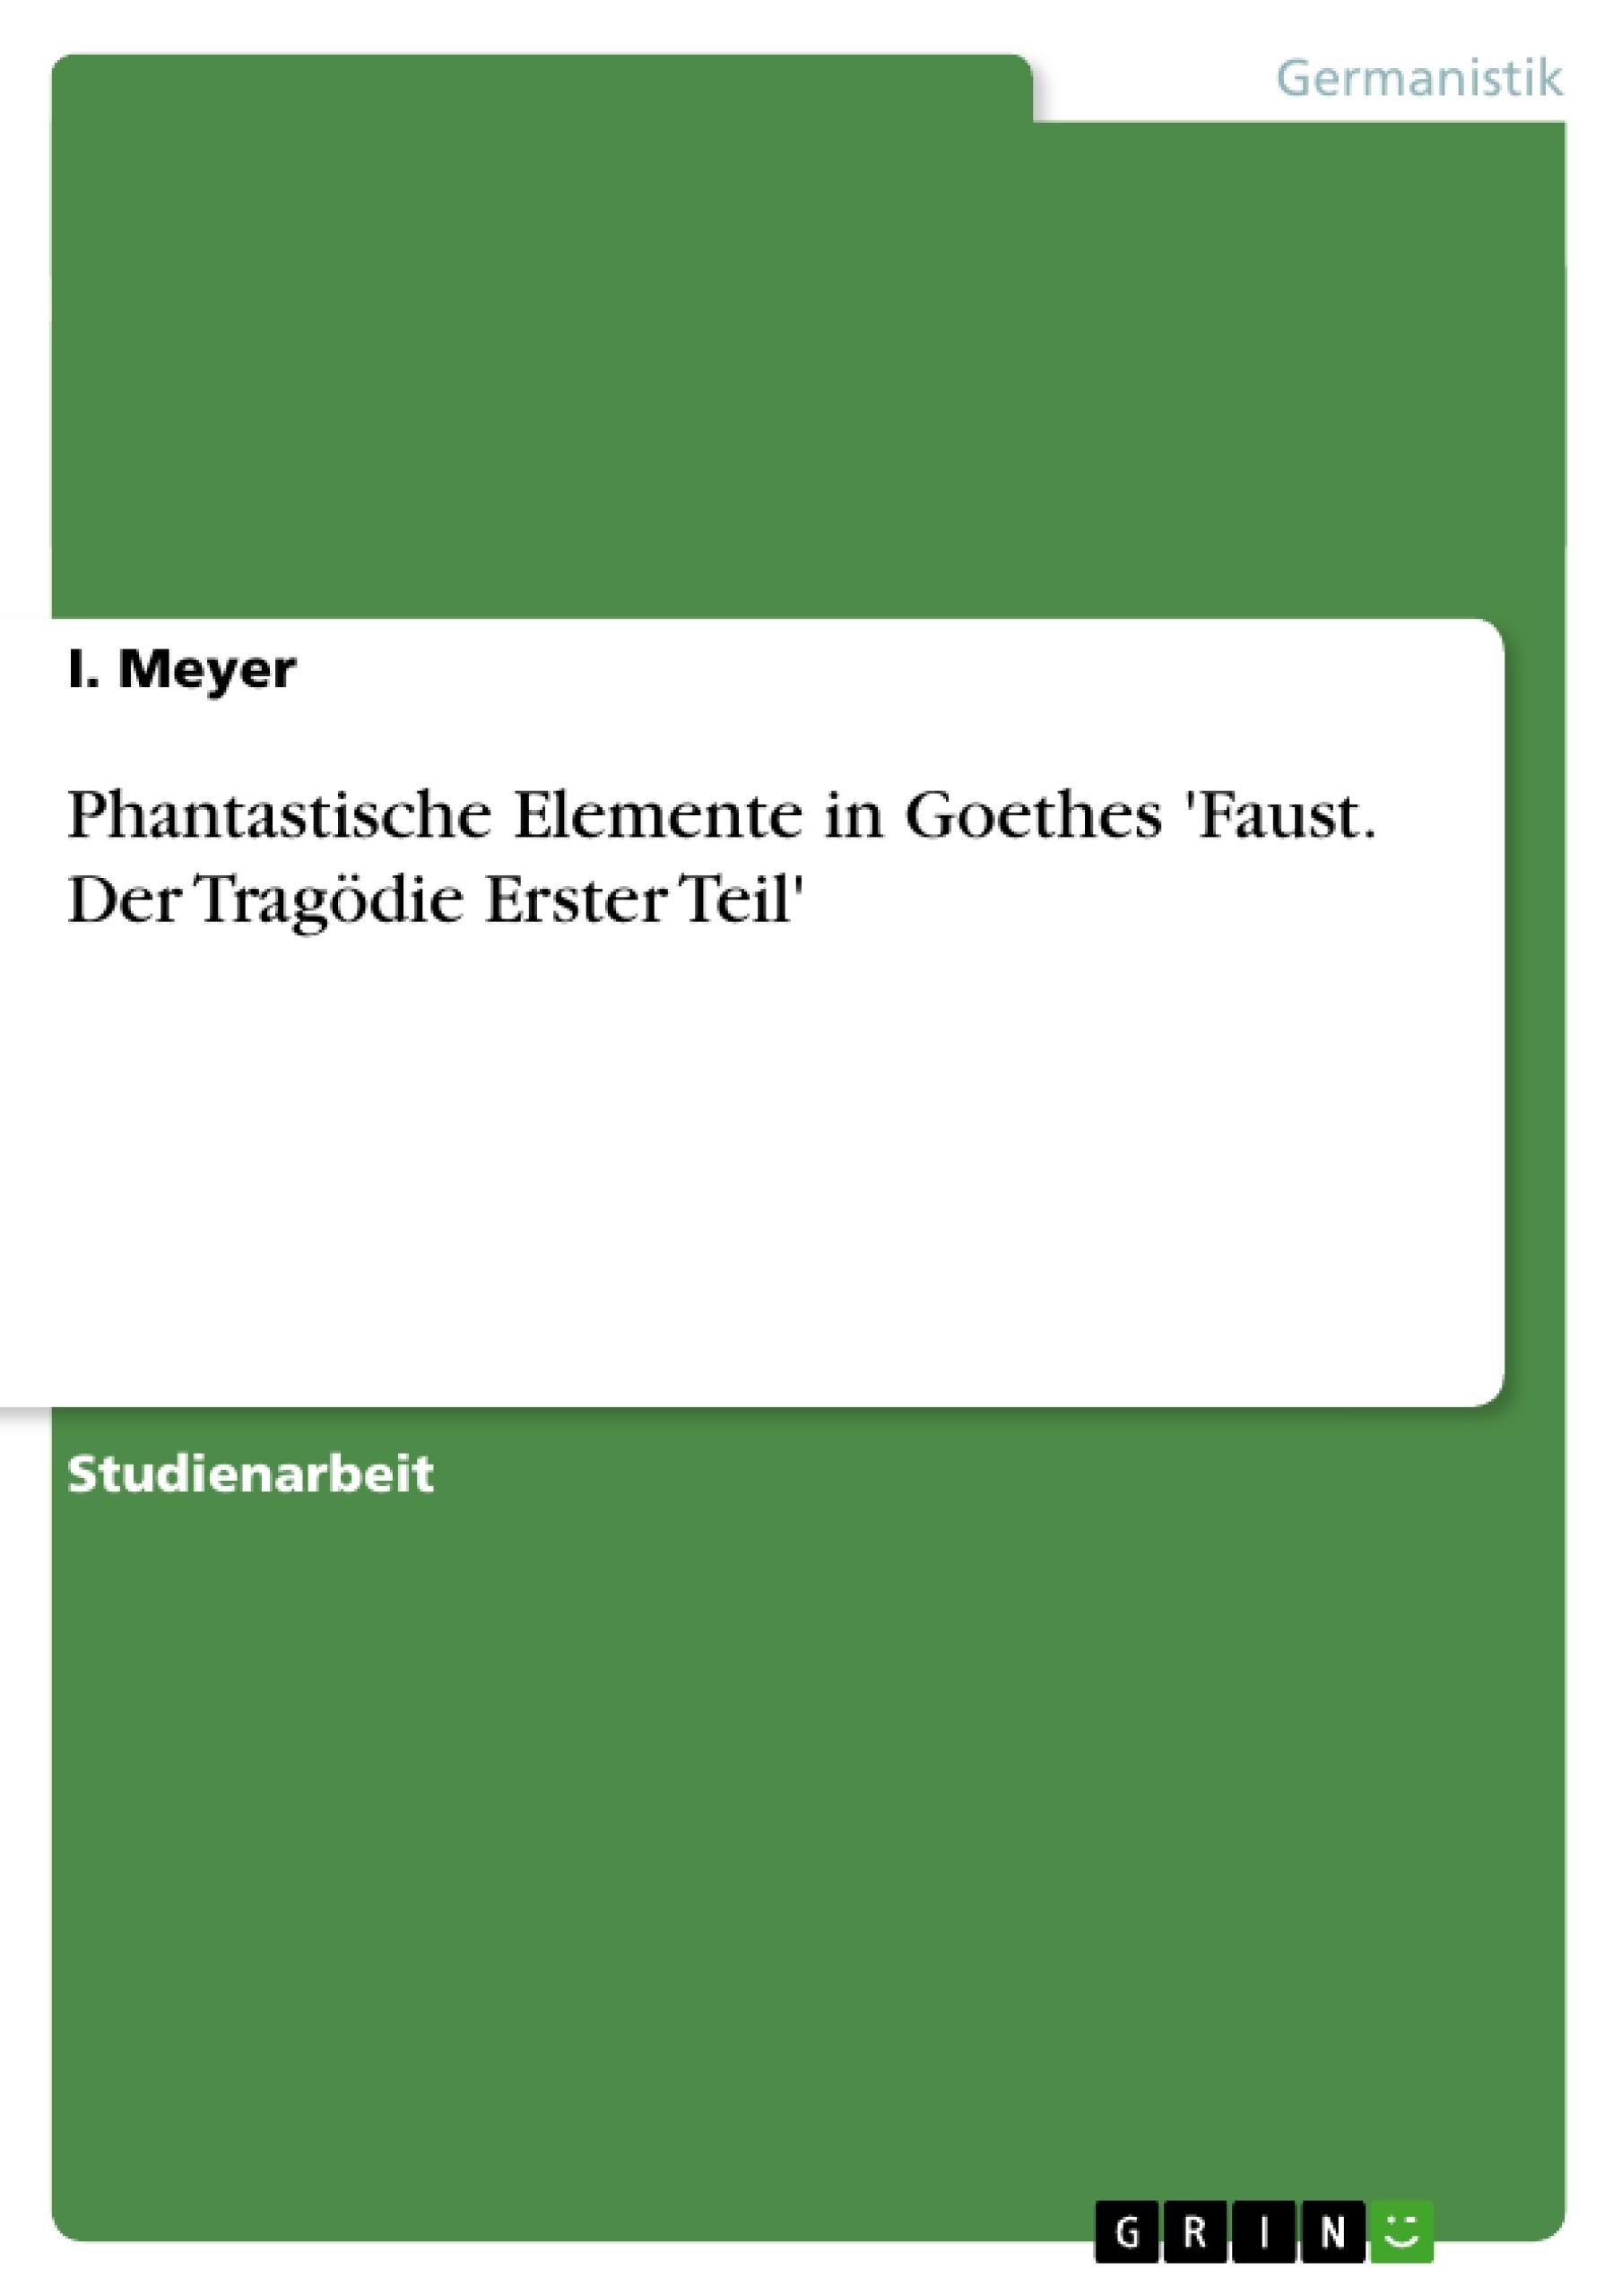 Titel: Phantastische Elemente in Goethes 'Faust. Der Tragödie Erster Teil'